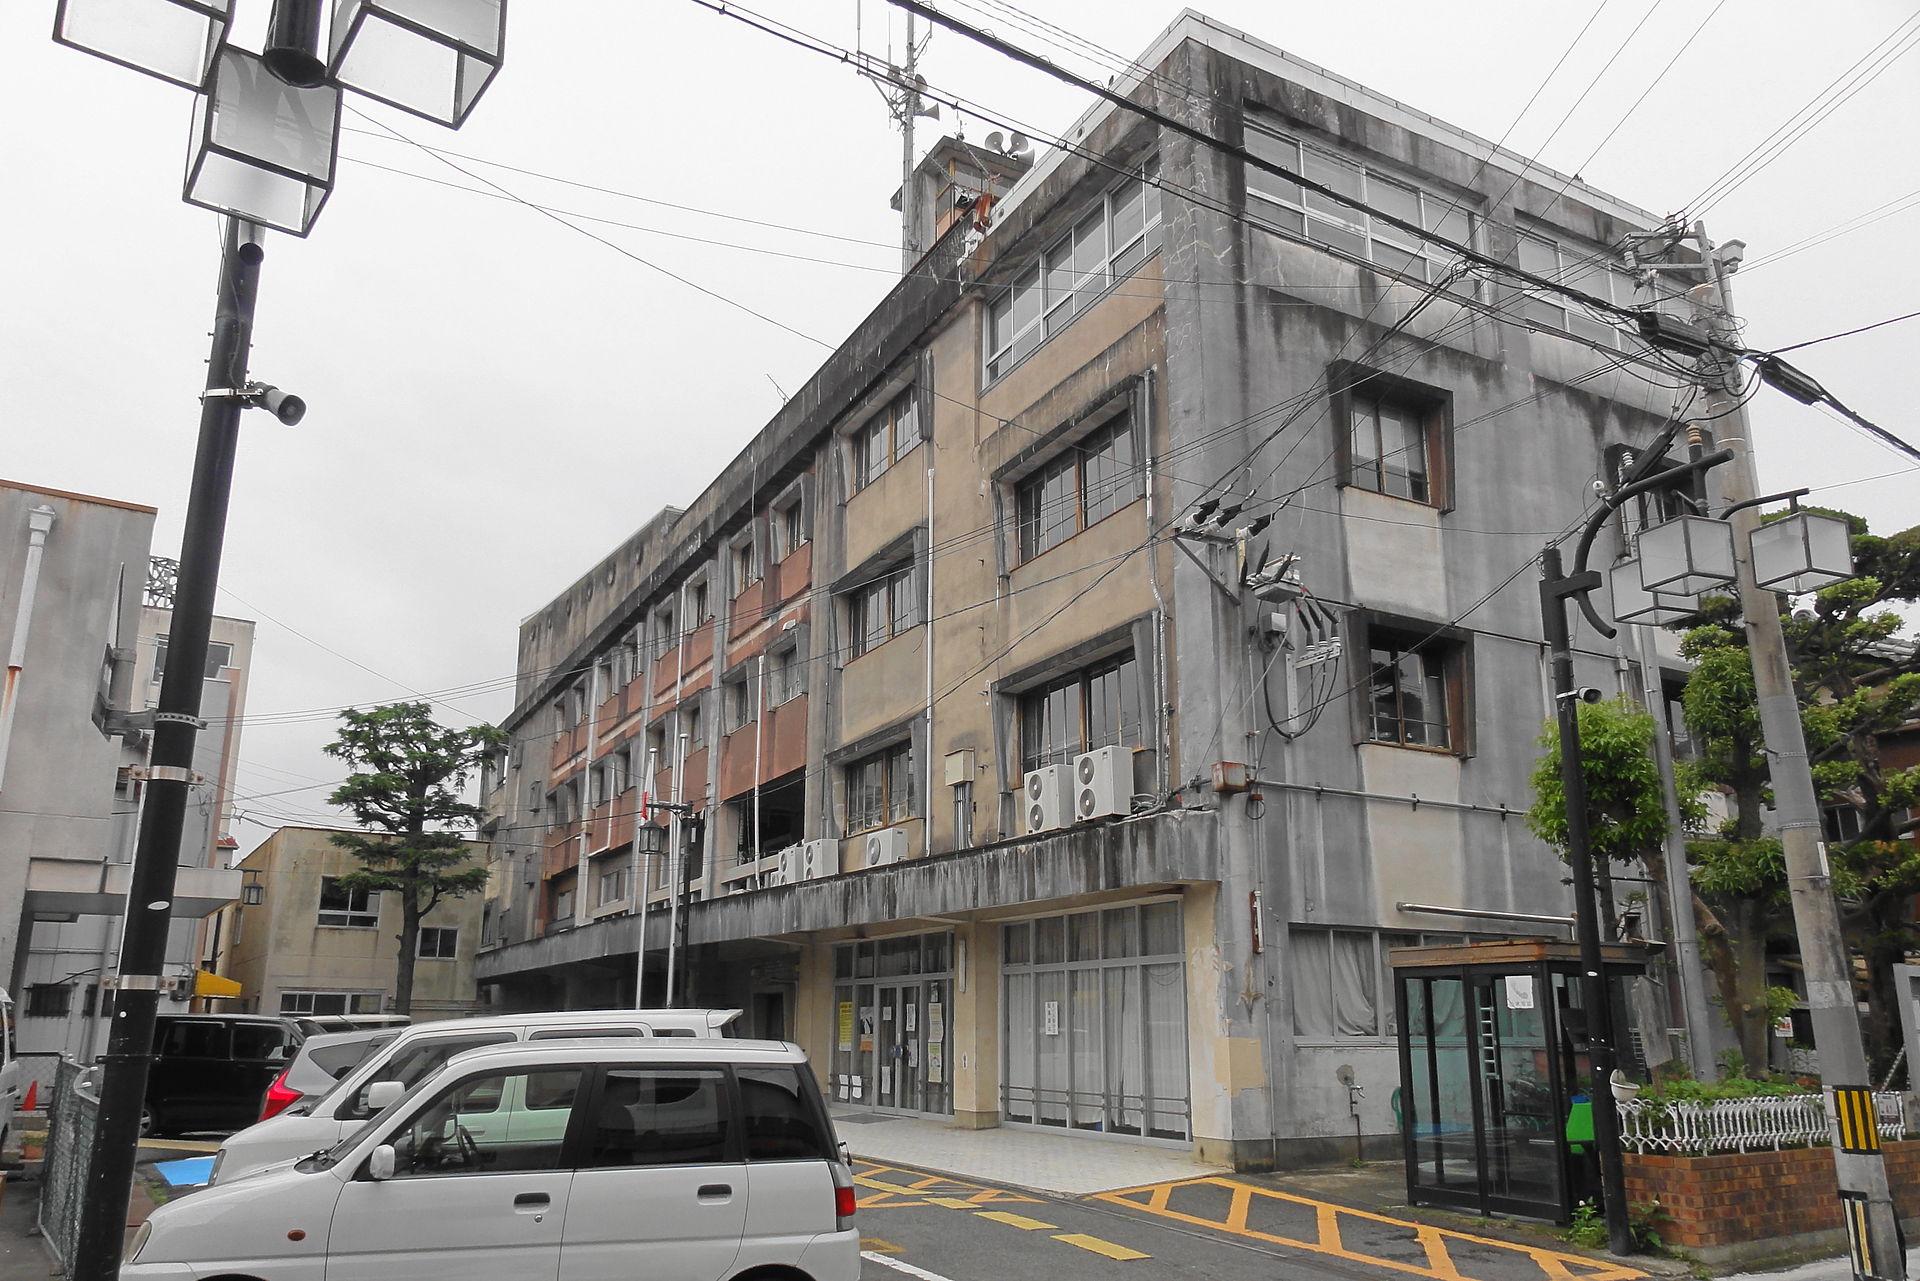 湯浅町 - Wikipedia